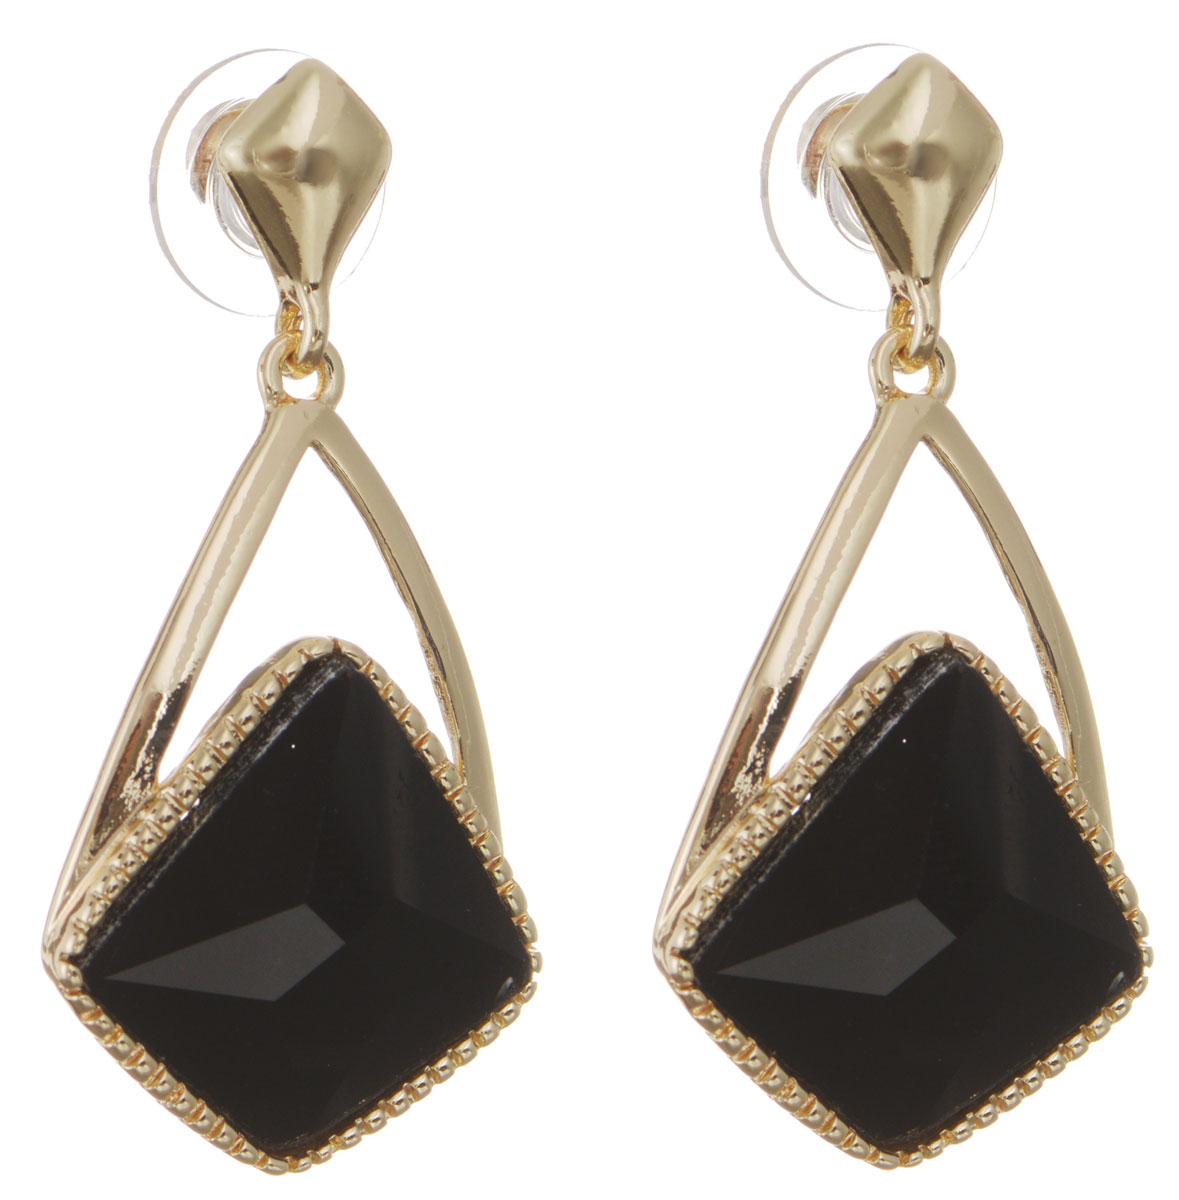 Серьги Taya, цвет: золотистый, черный. T-B-10738-EARR-GL.BLACKT-B-10738-EARR-GL.BLACKОригинальные серьги Taya, выполненные из металлического сплава в виде подвесок в форме капли декорированной крупным кристаллом необычной формы, придадут вашему образу изюминку, подчеркнут красоту или преобразят повседневный наряд. Застегиваются на замок-гвоздик с пластиковой заглушкой. Такие серьги позволят вам с легкостью воплотить самую смелую фантазию и создать собственный, неповторимый образ.